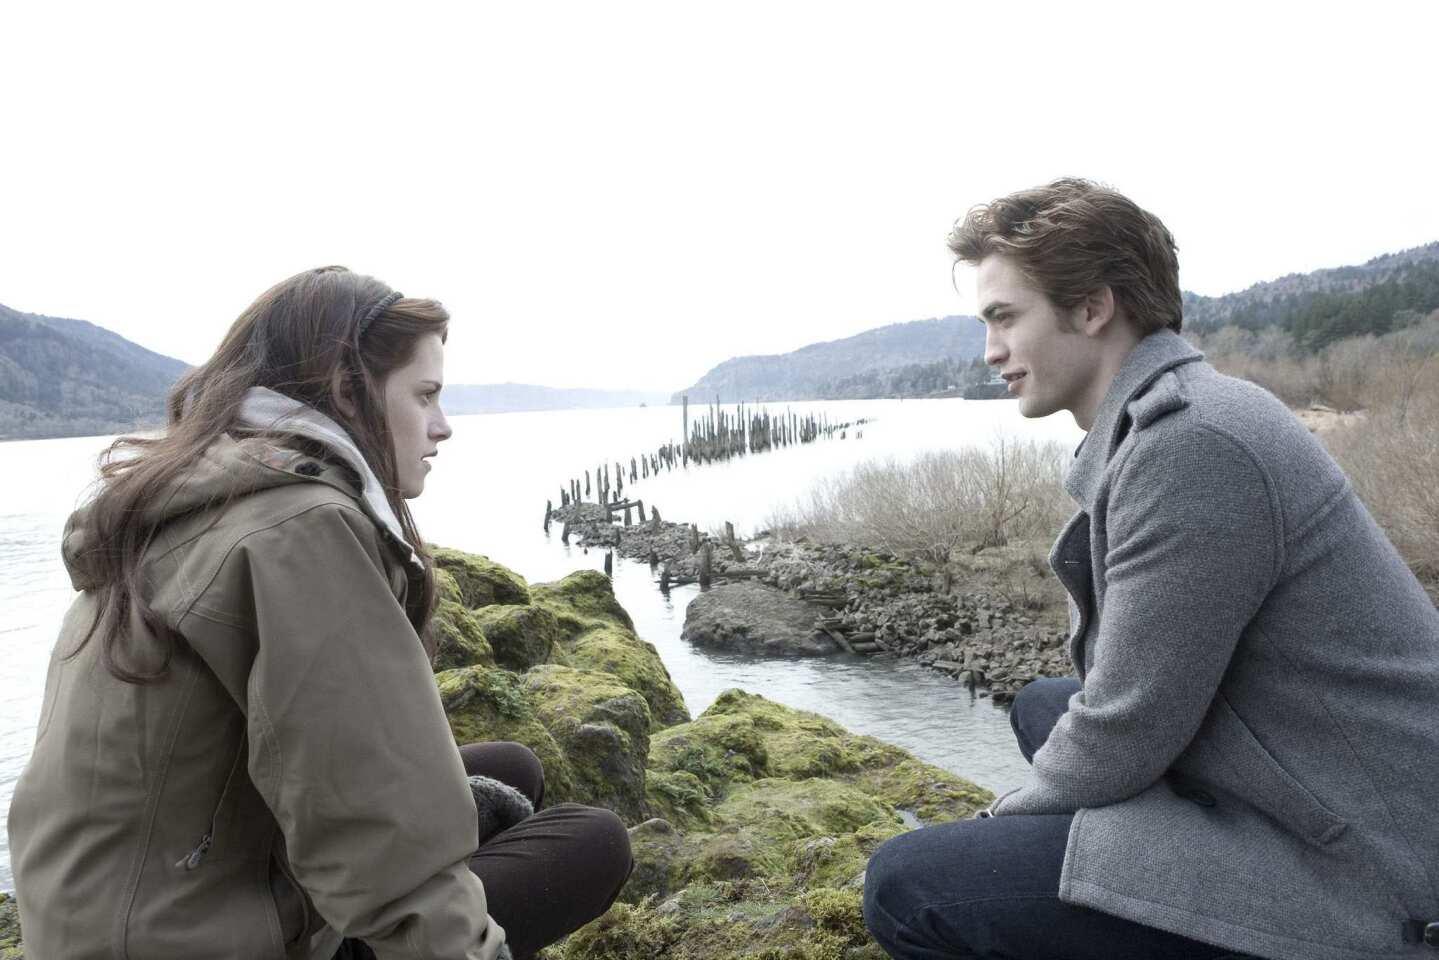 'Twilight' heartbreak